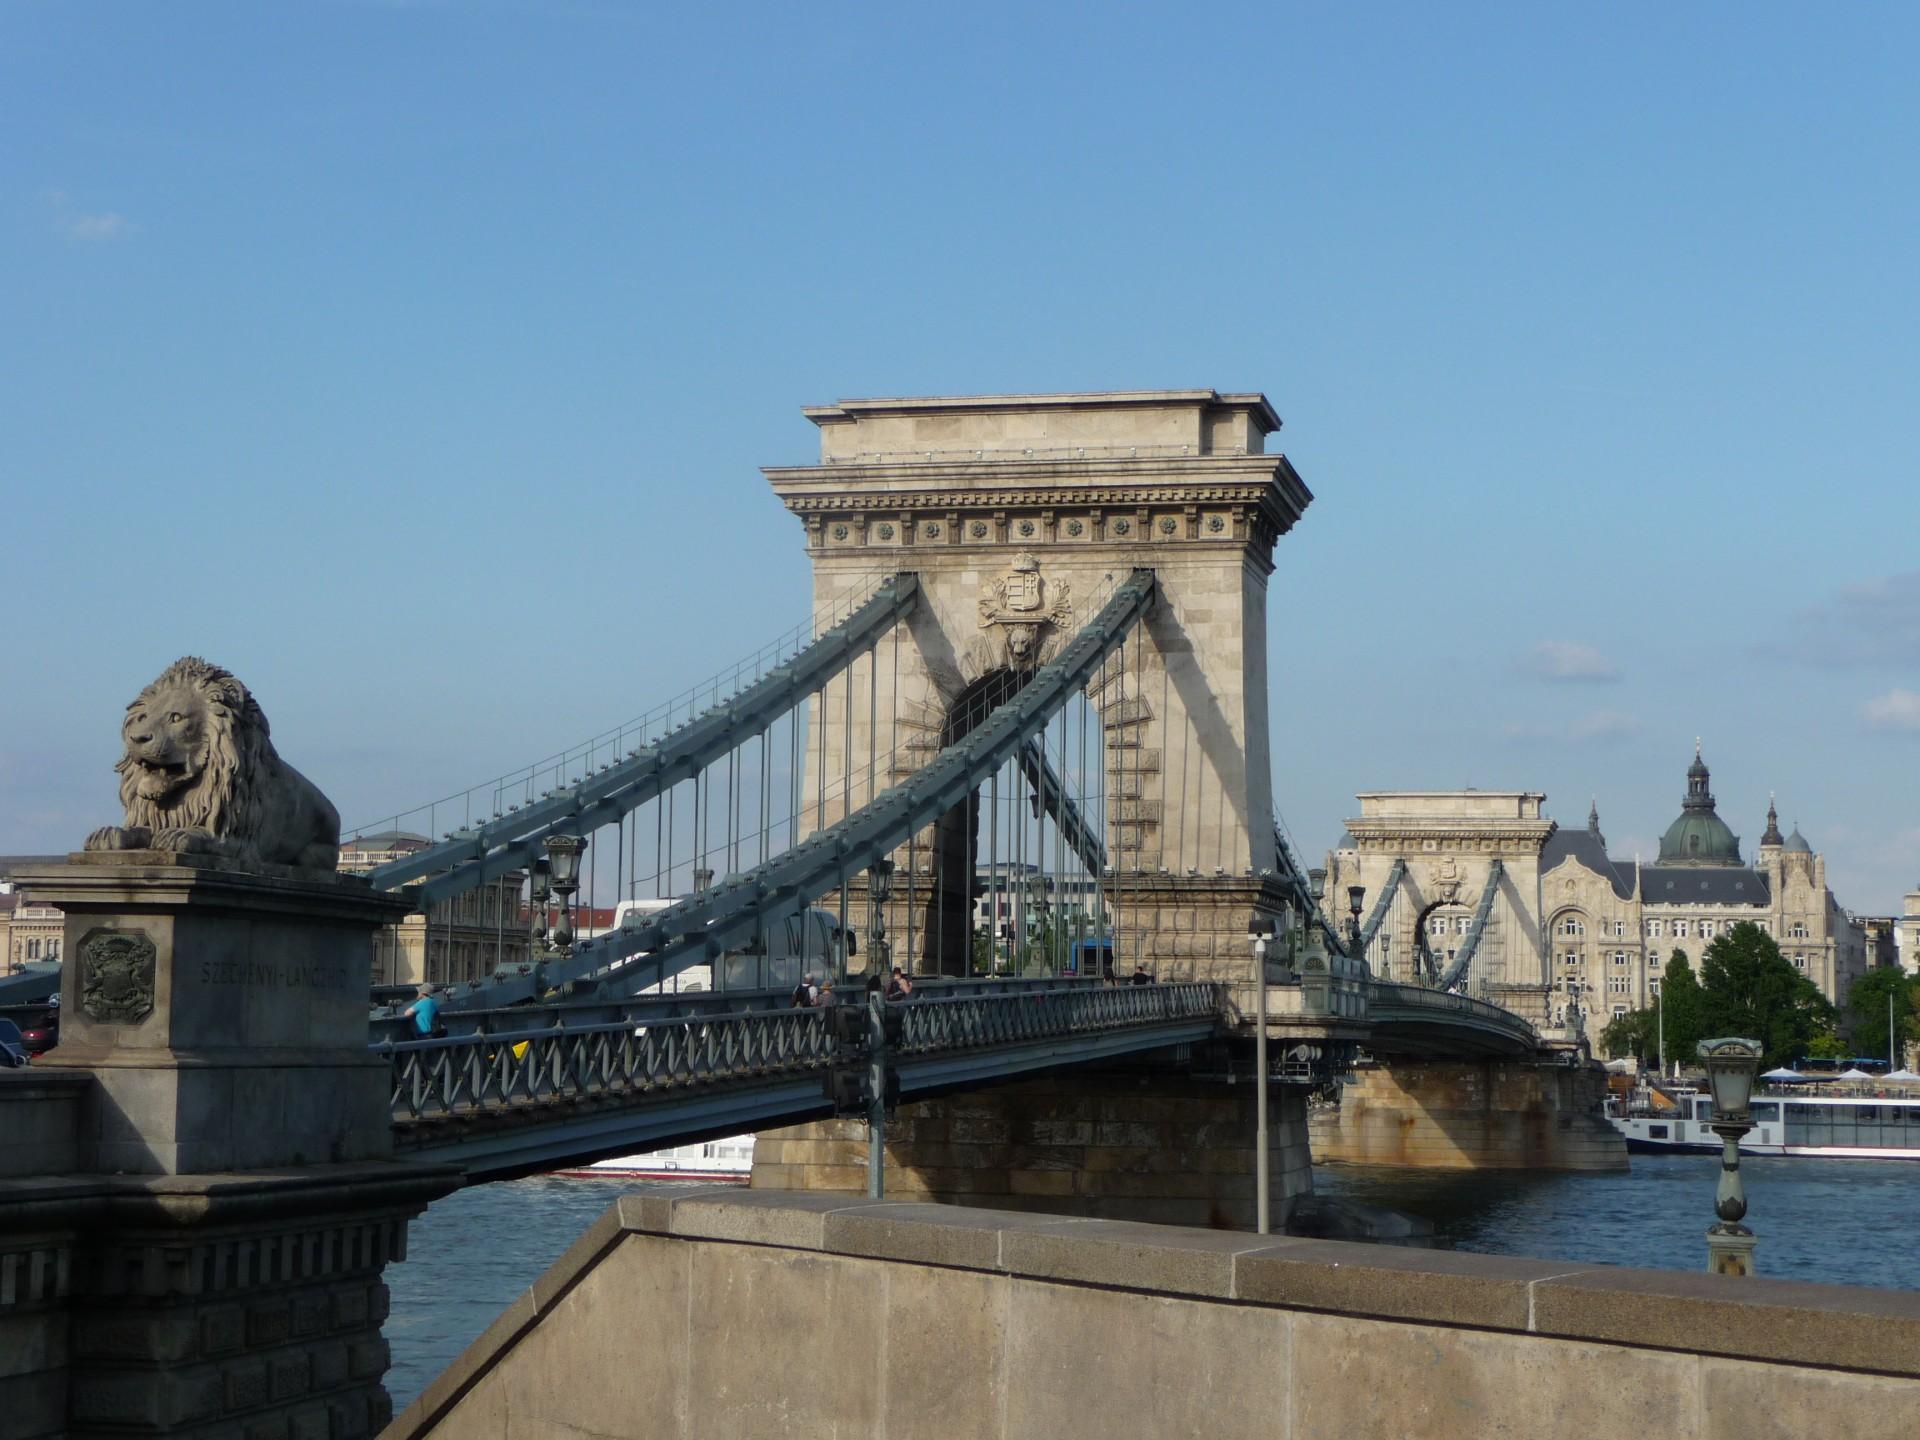 Kettenbrücke Budapest (Szechenyi lanchíd)